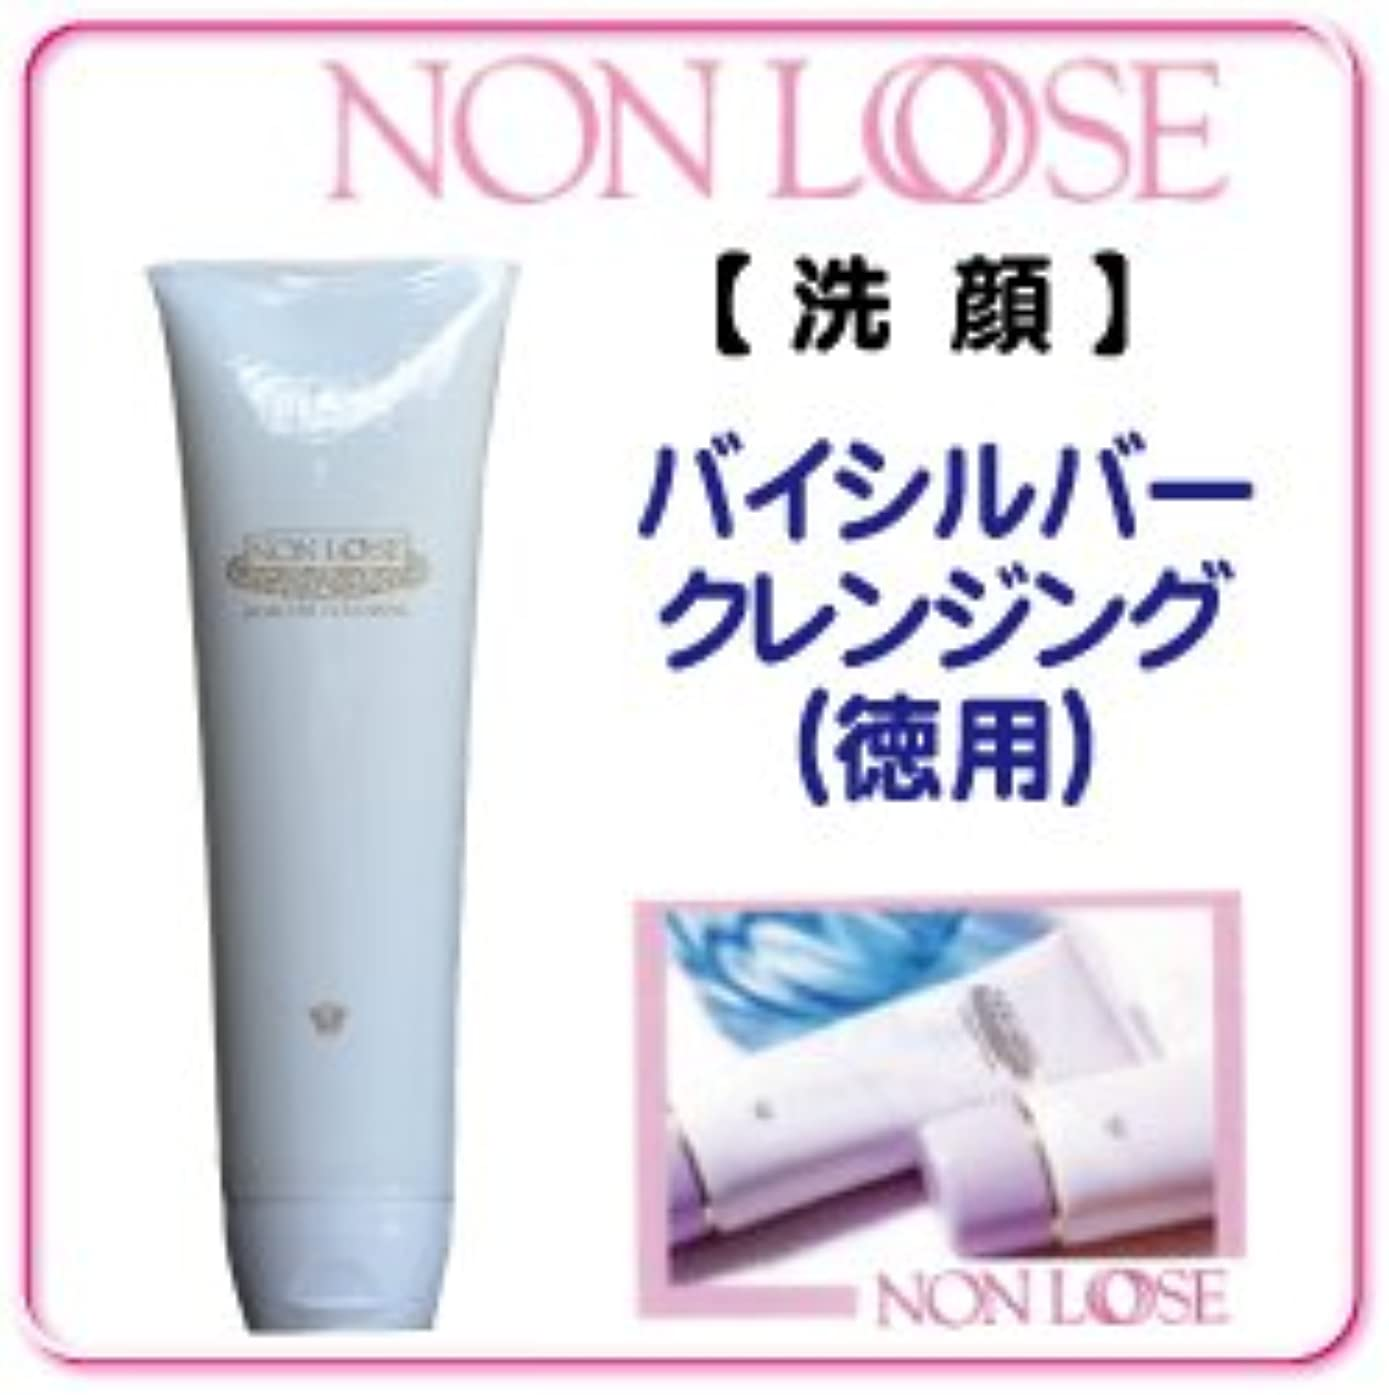 【NON LOOSE】 洗顔 ノンルース バイシルバークレンジング(徳用) 300g 【洗い流し専用】